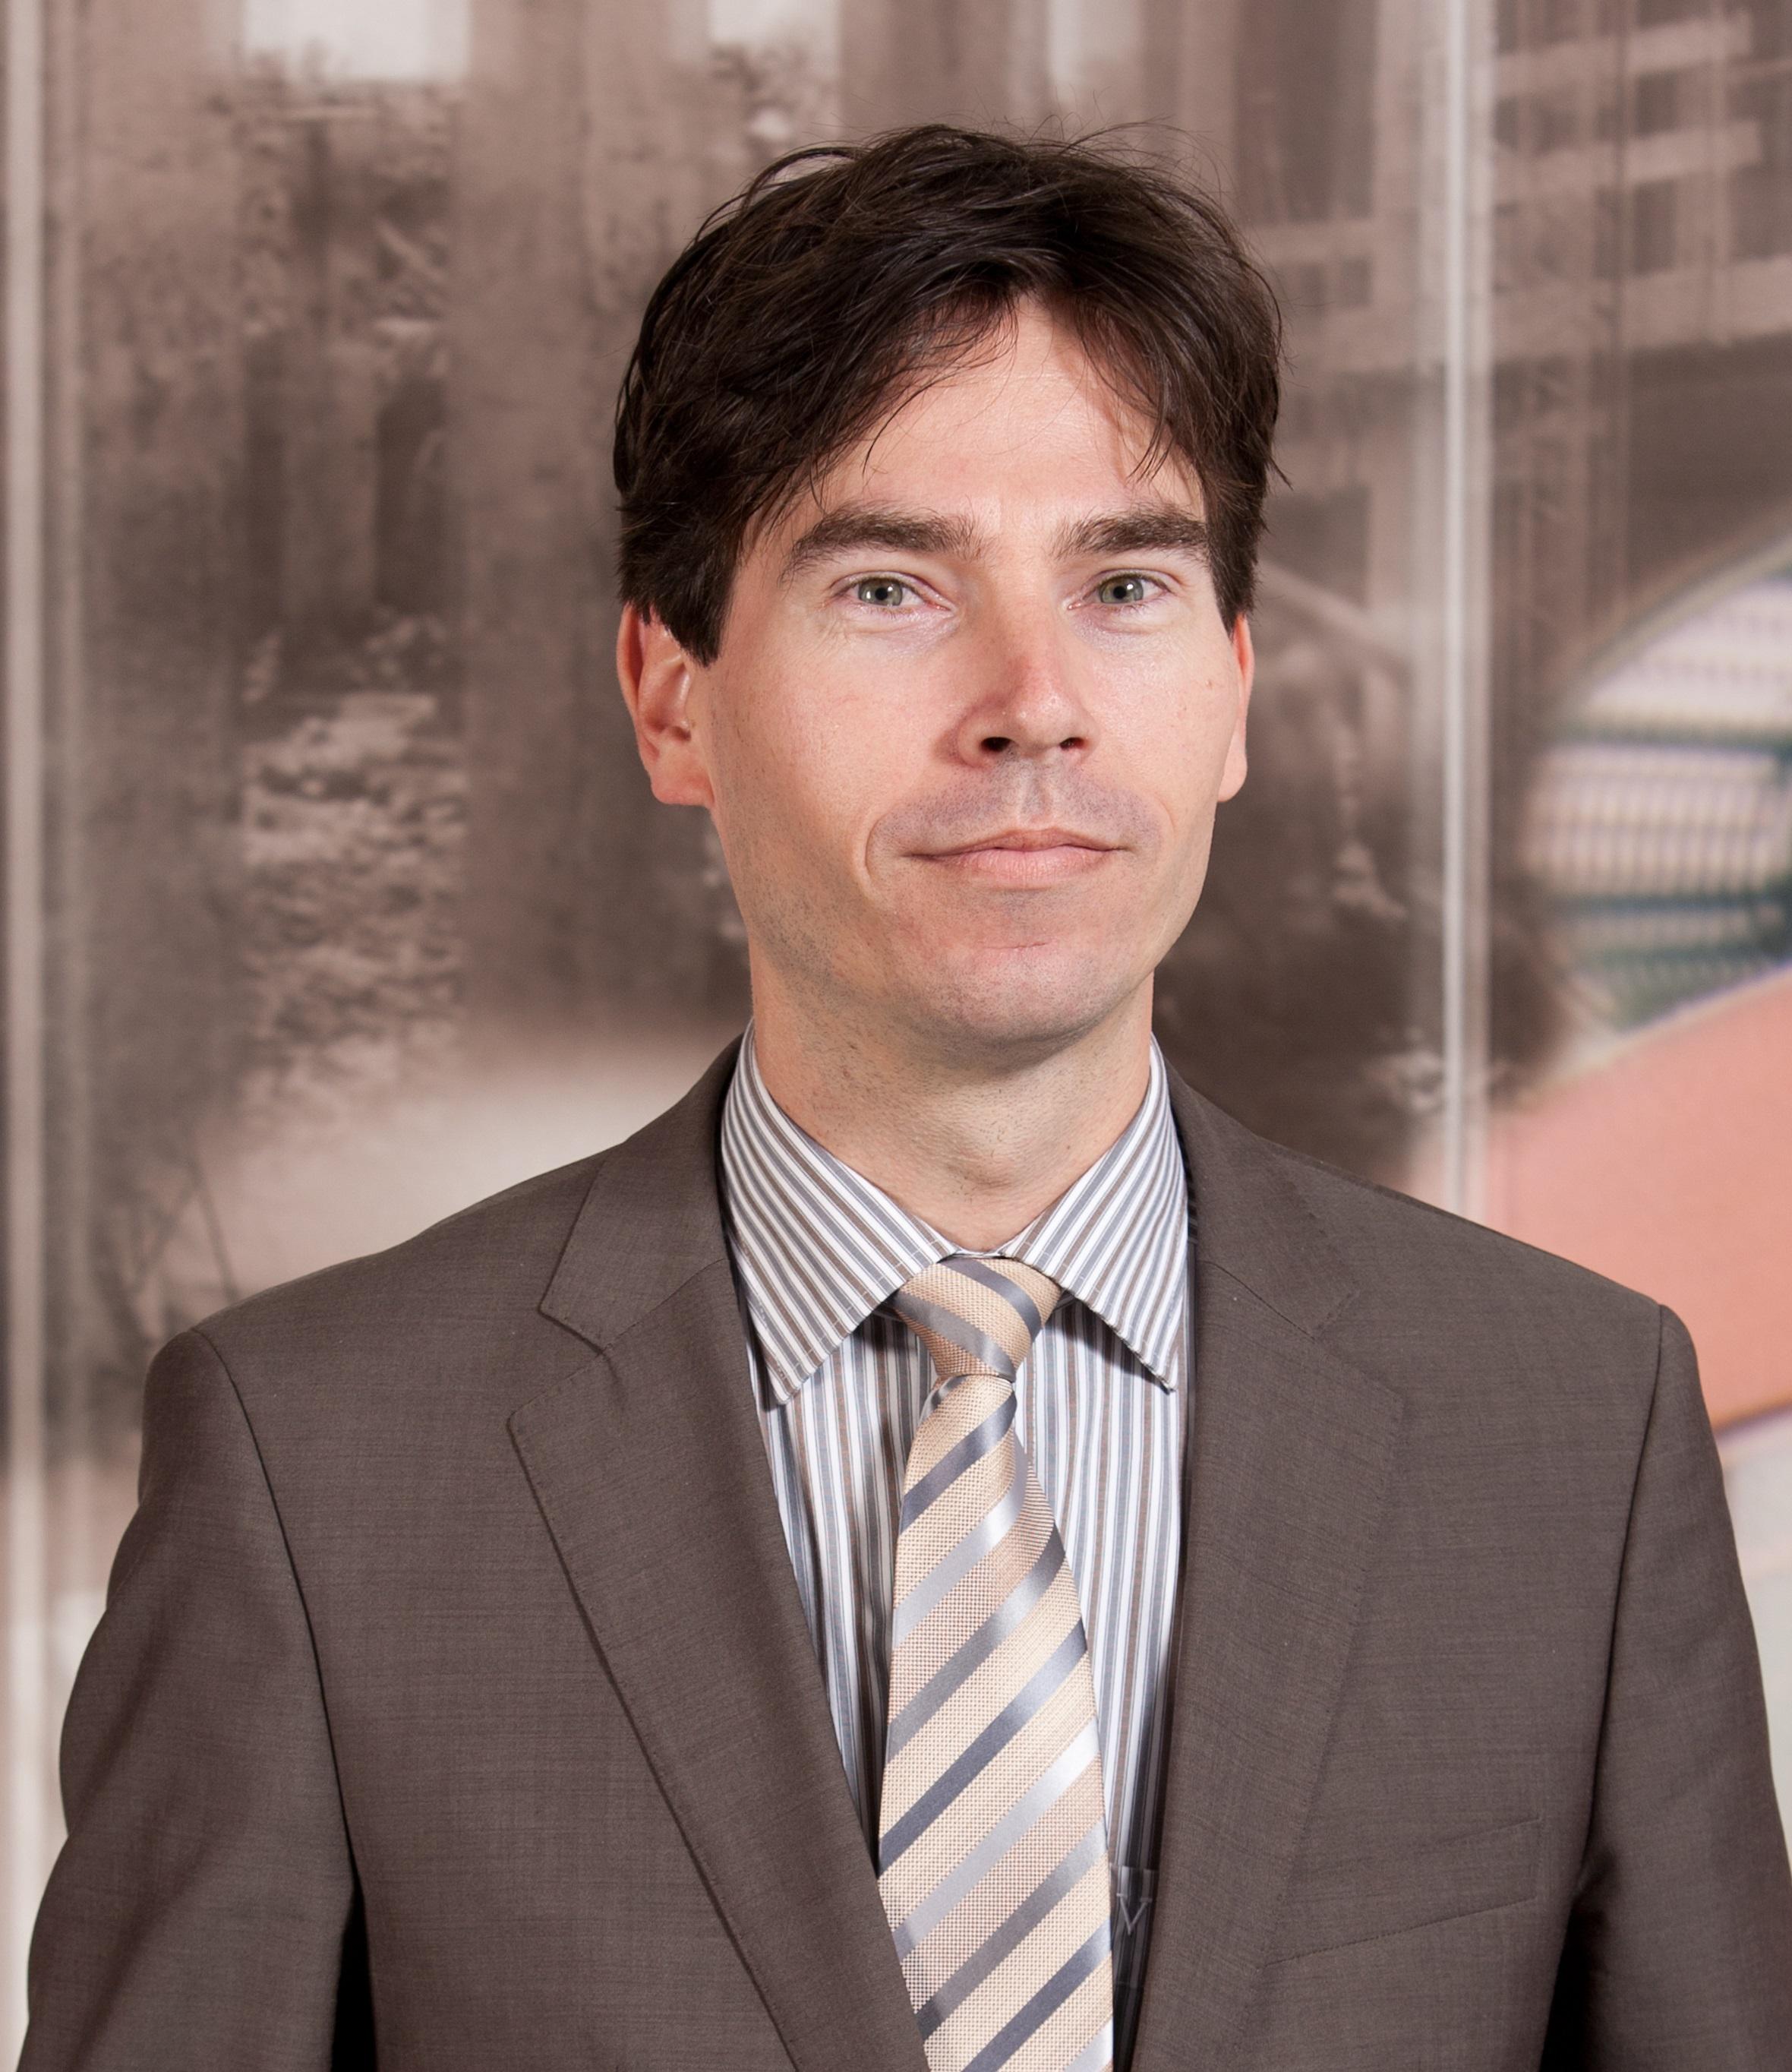 Nico van Eck